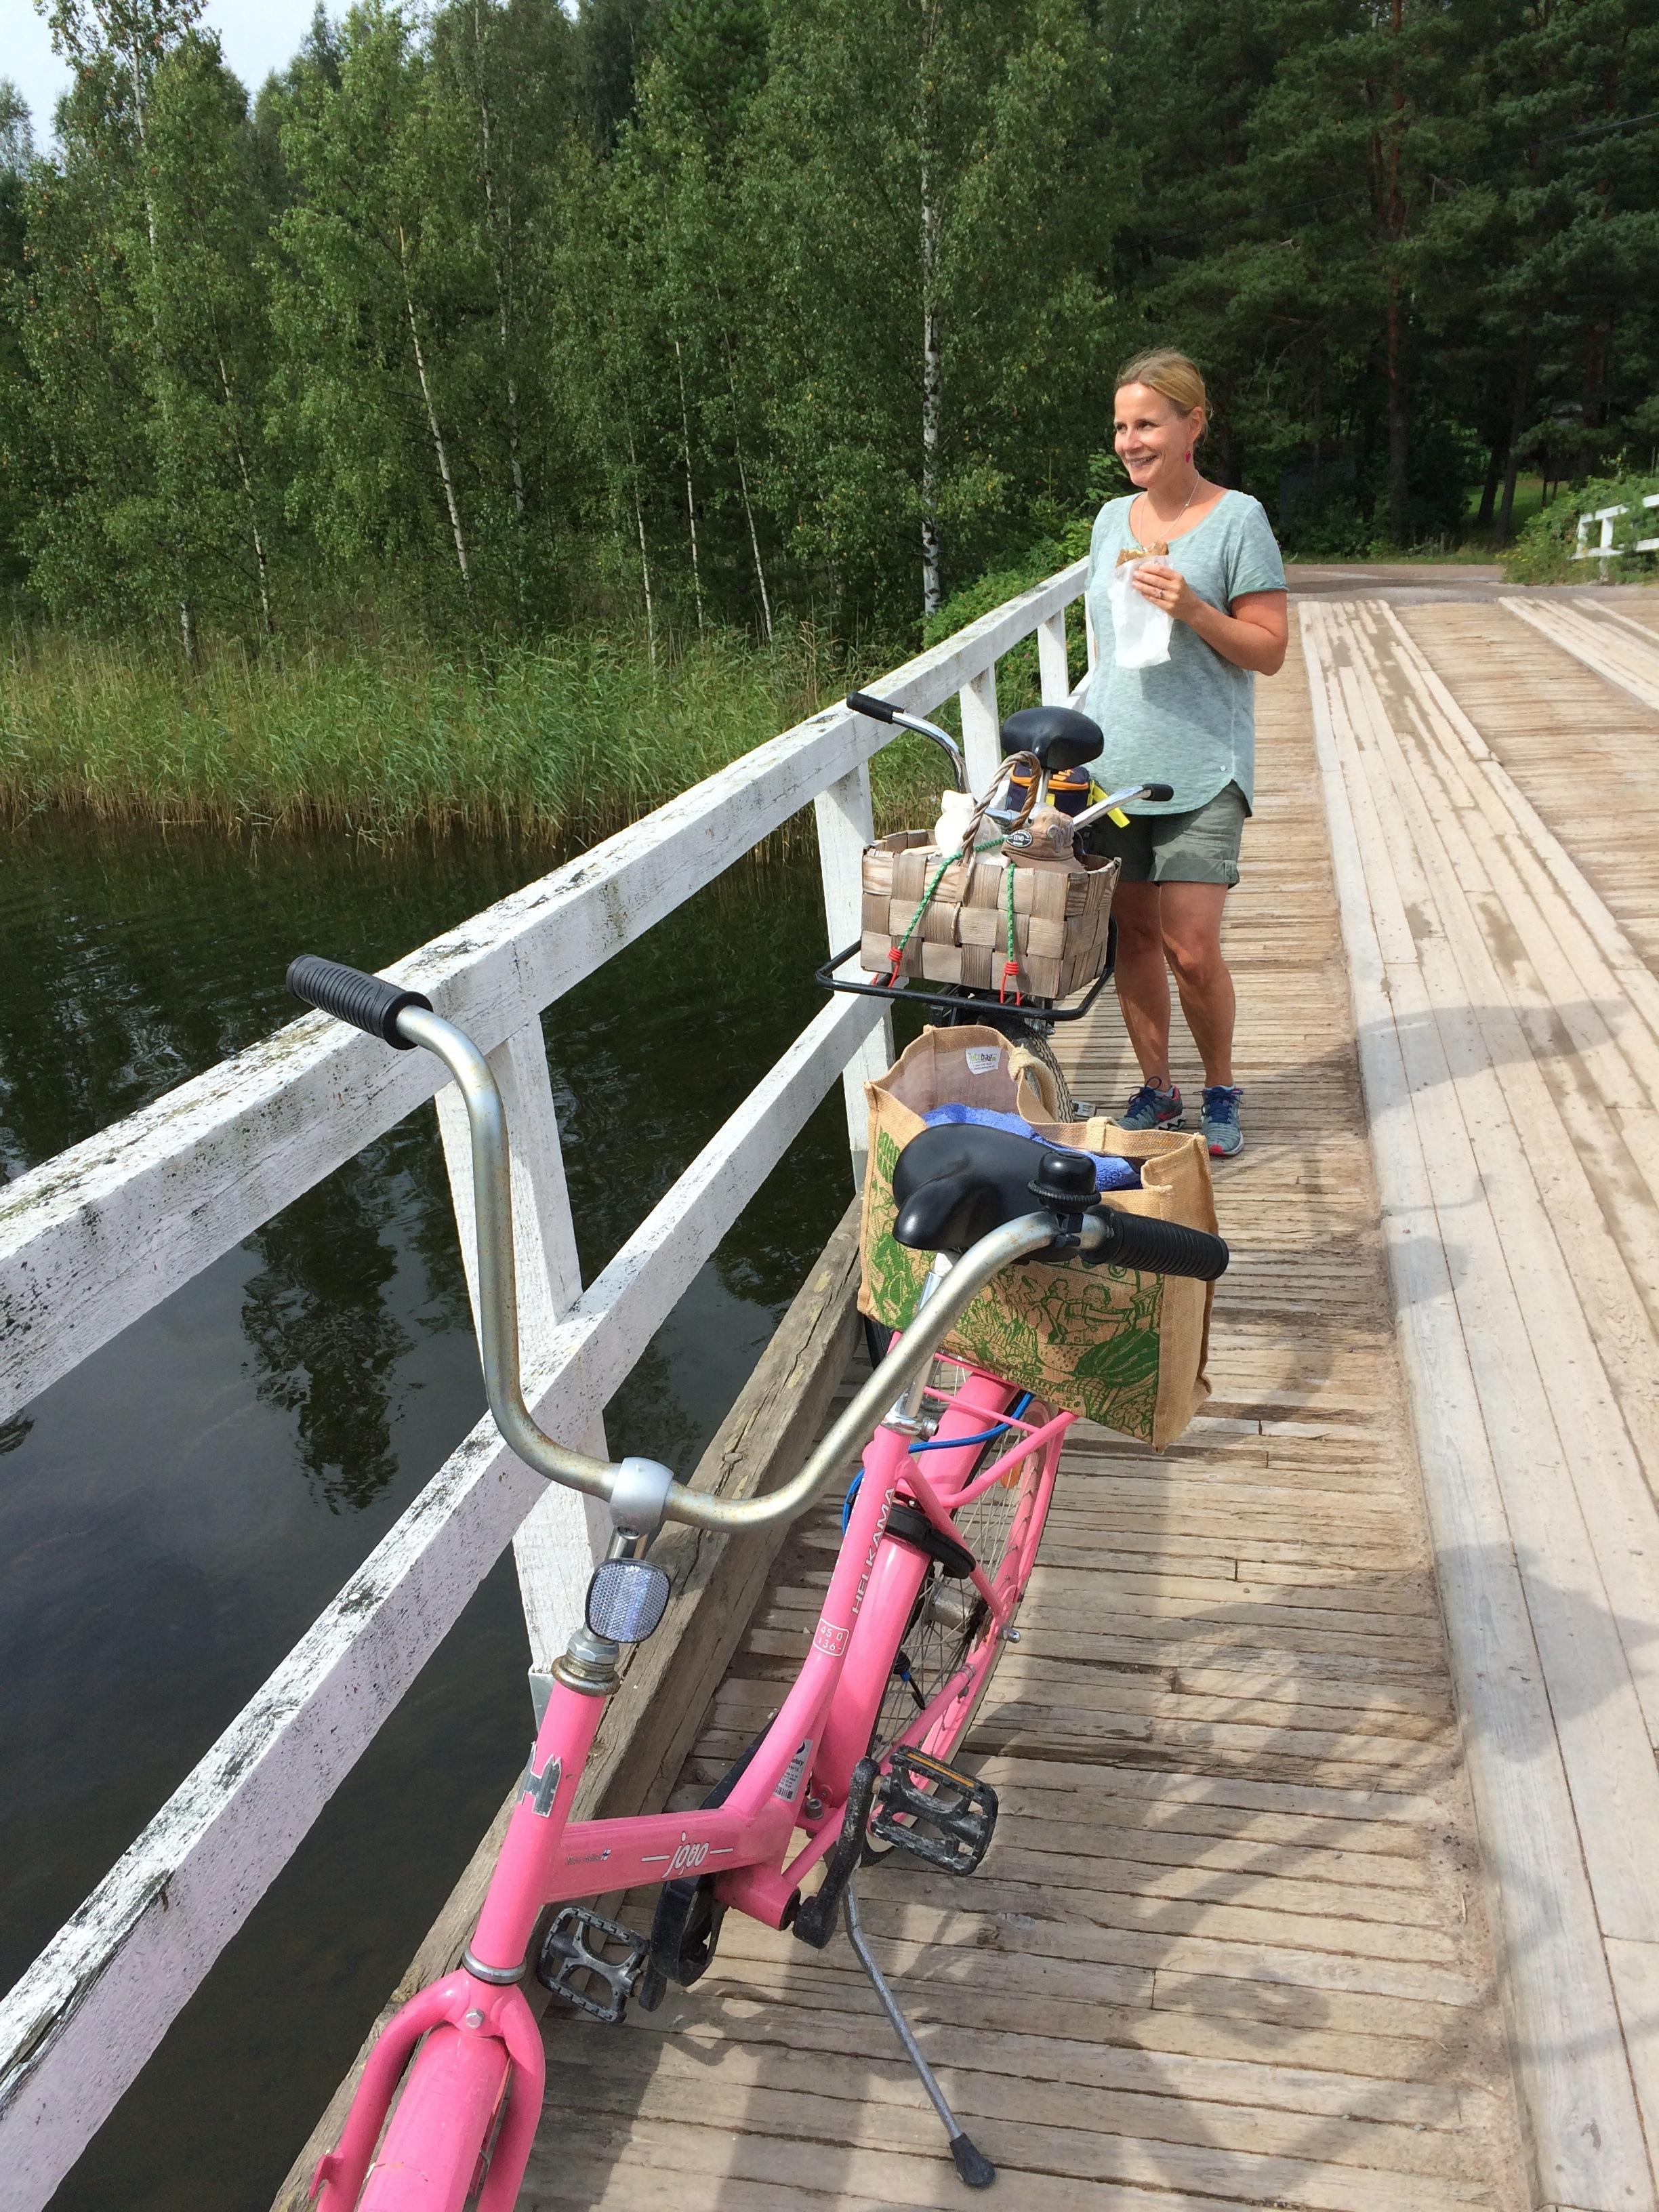 Pellinkiä on mukava kierrellä pyöräillen. Mm. Söderby-Boden vuokraa kesäisin polkupyöriä. Matkaa Råmossa Lodgesta Porvoon Ilolasta Pellingin saaristoon on noin 30 minuuttia, ensin esim. autolla lossille ja siitä yli Pellinkiin.